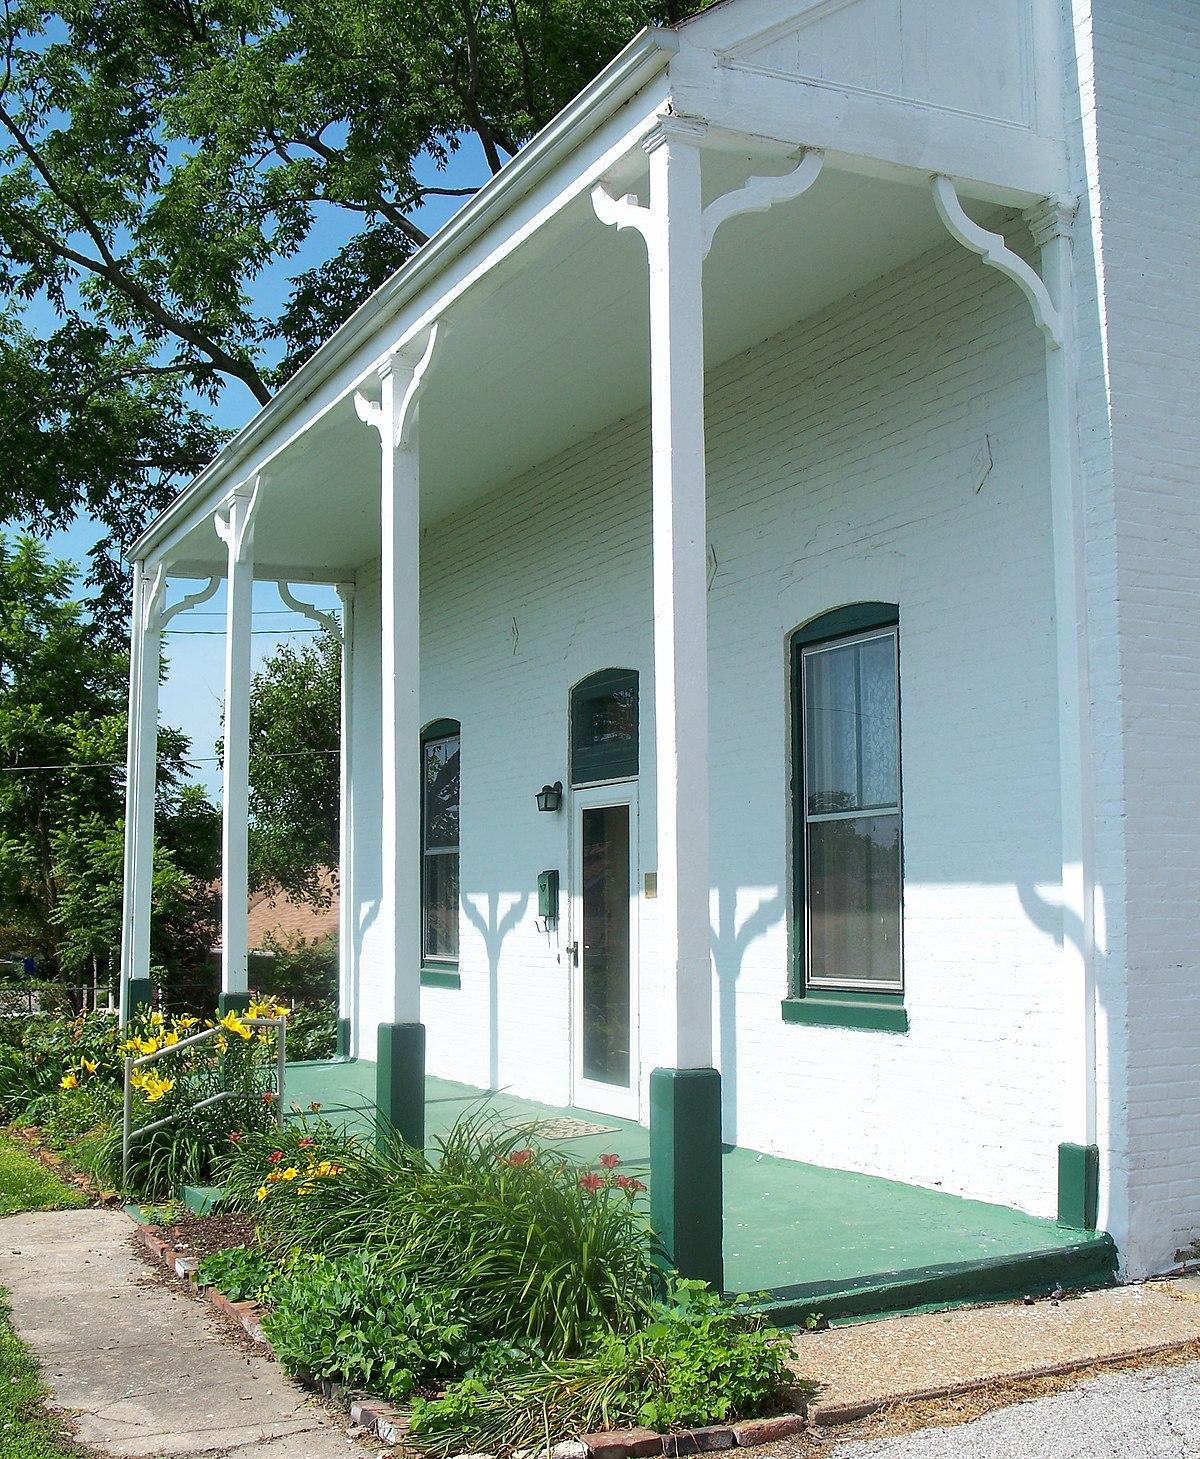 Sutter meyer house wikidata for Meyer house